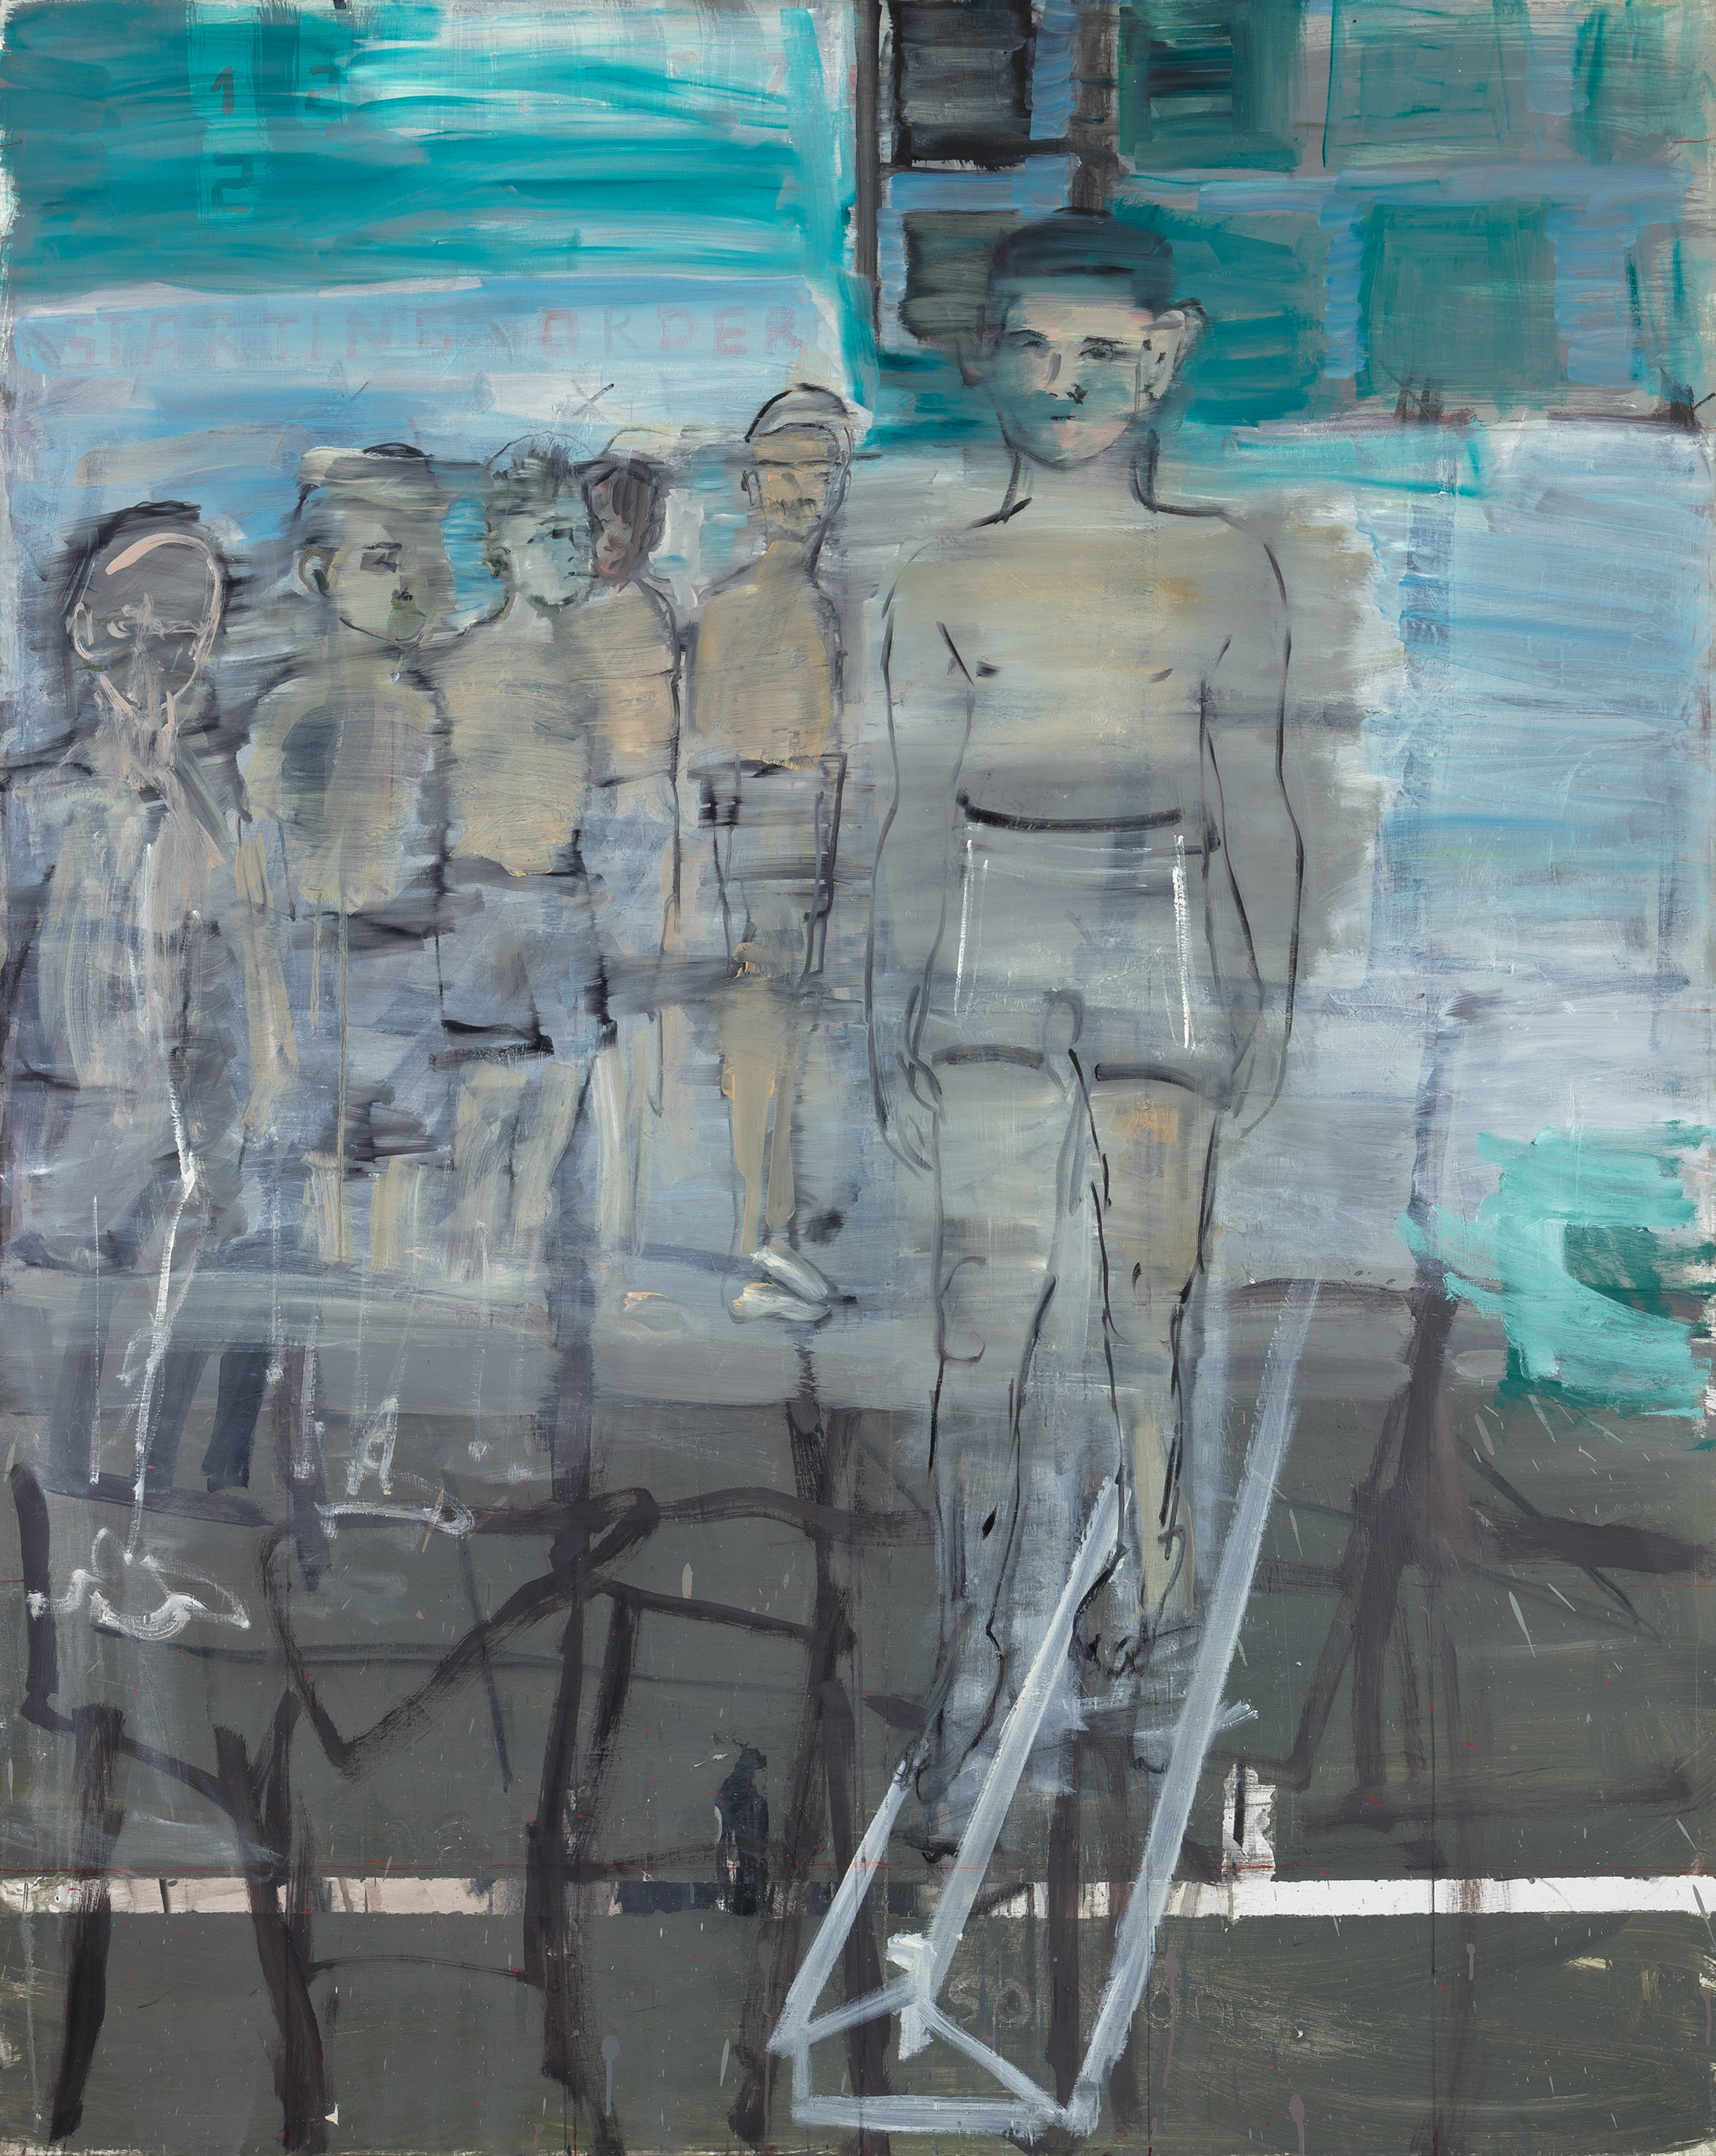 Eglė Butkutė. Patikra. Test. Aliejus, drobė. Oil on canvas. 150x120 cm, 2018 Ilčiuko nuotrauka